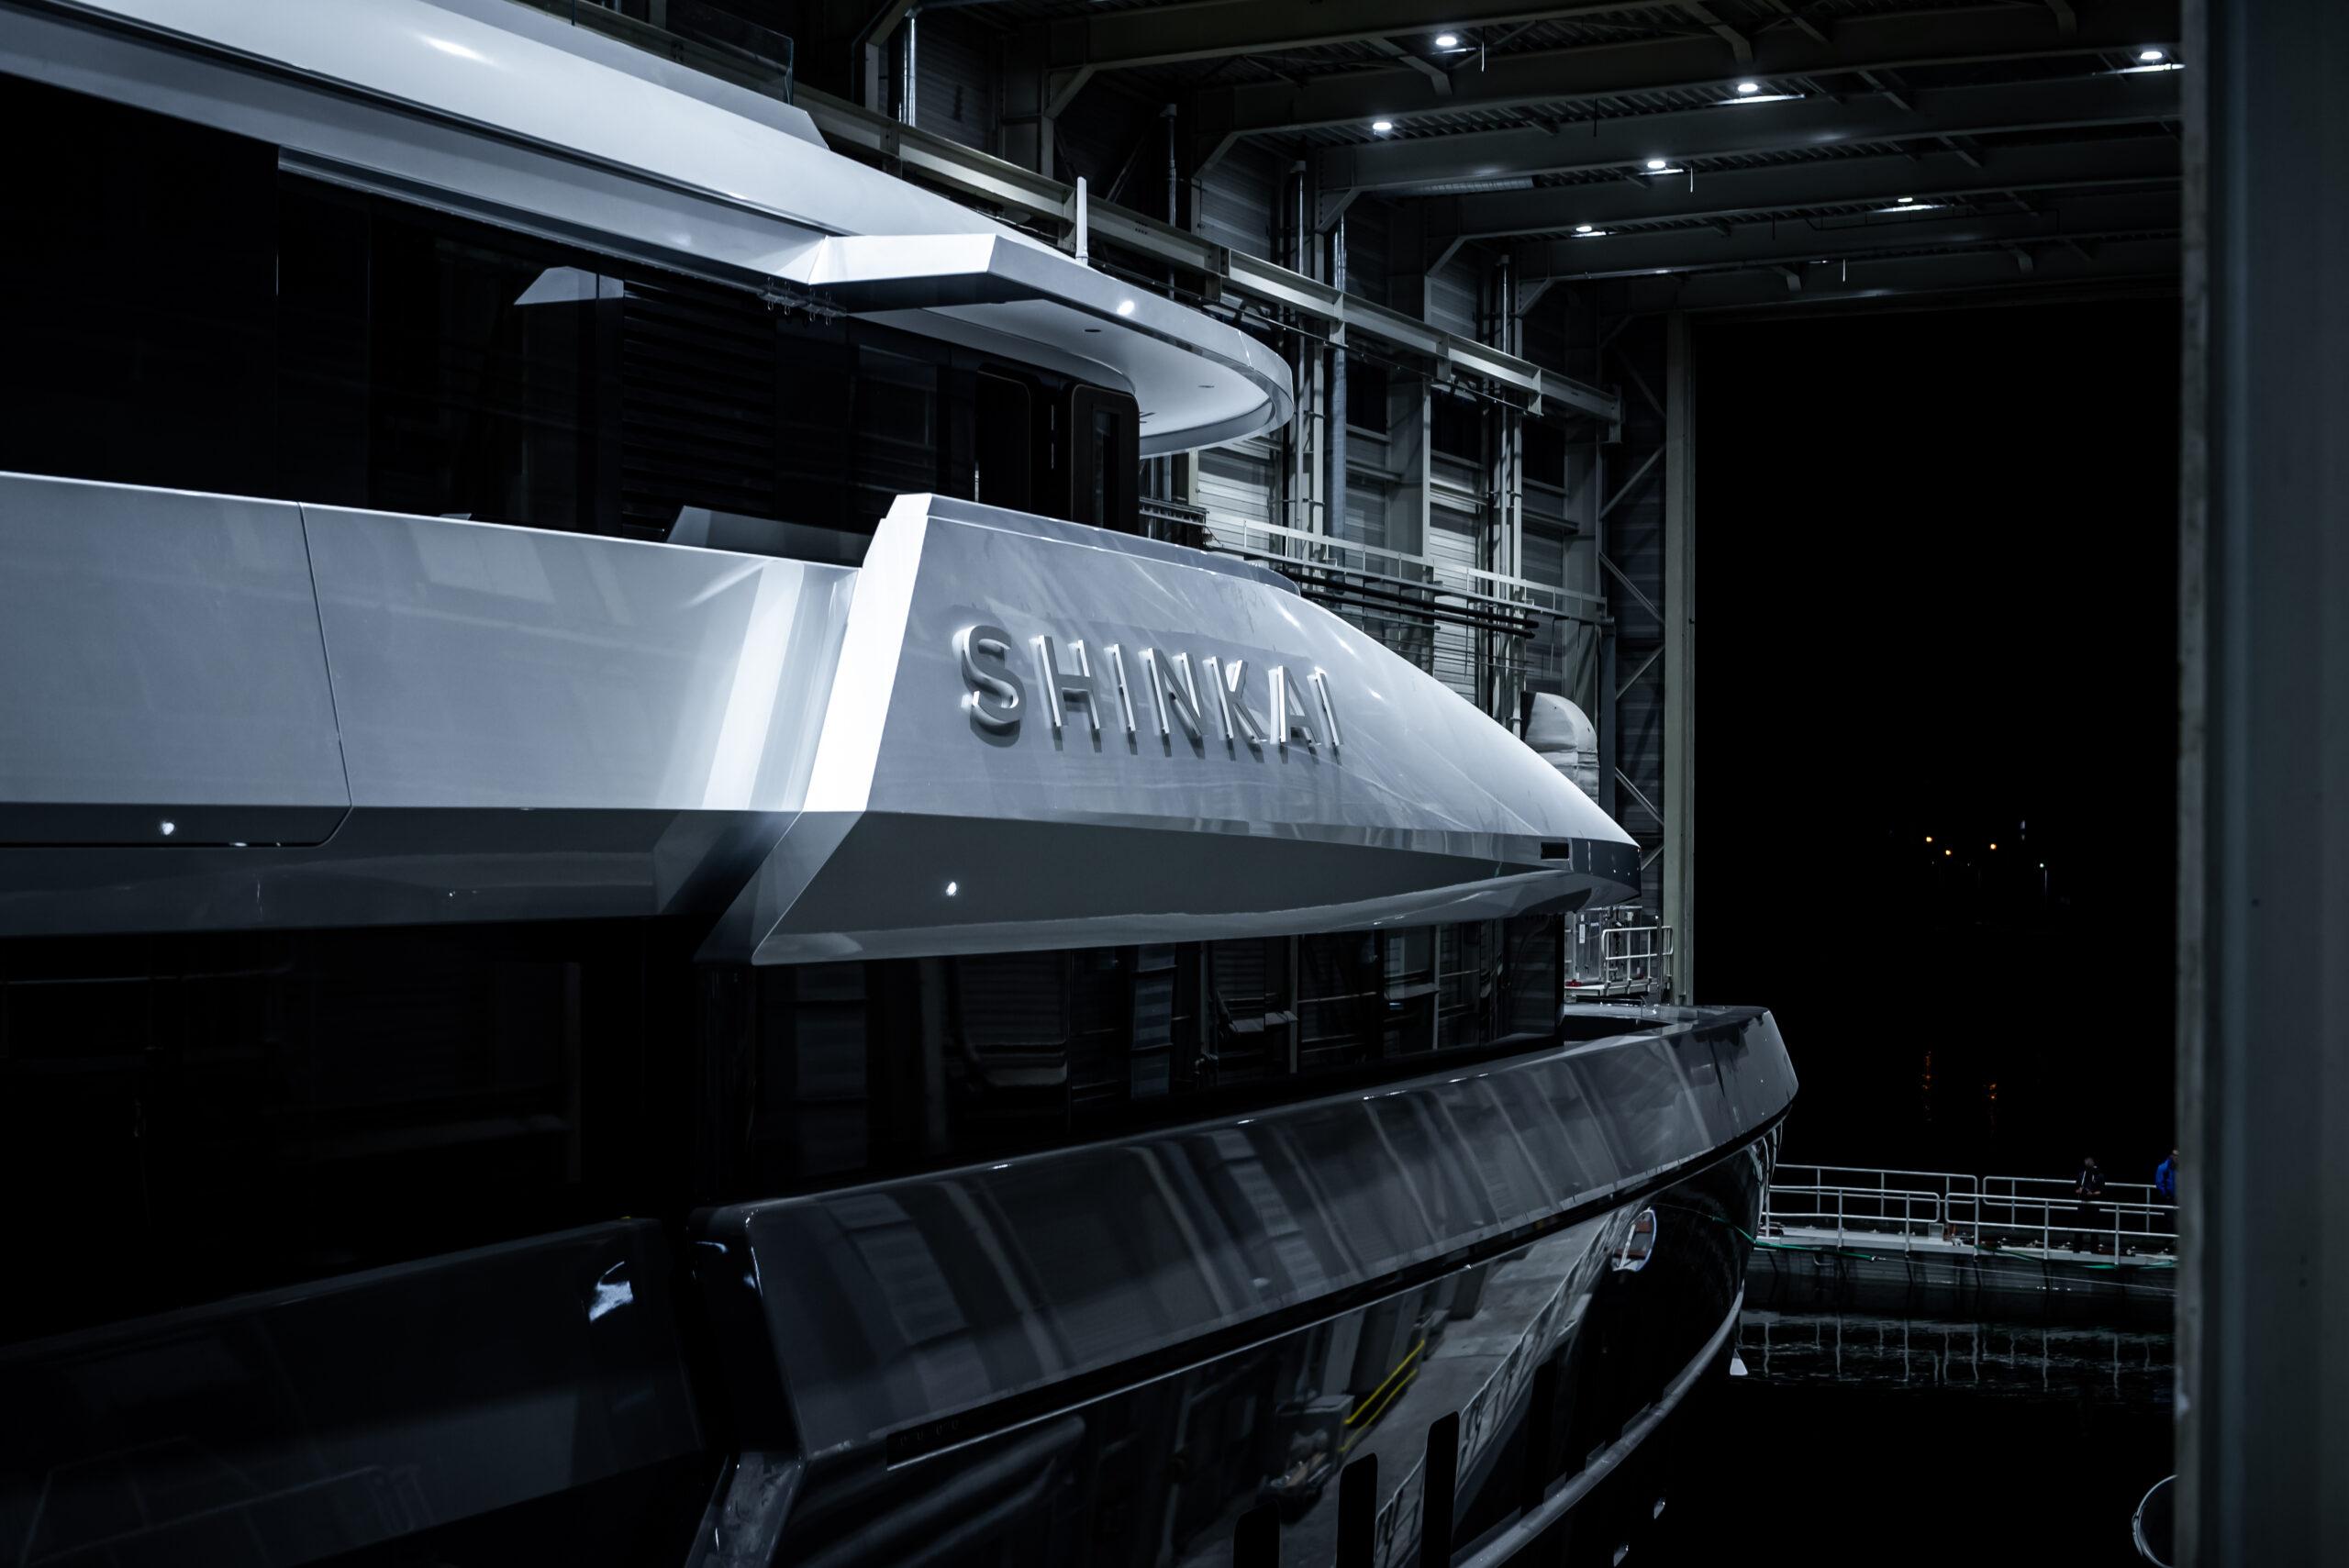 Shinkai from Vitruvius Yachts rear close up angle